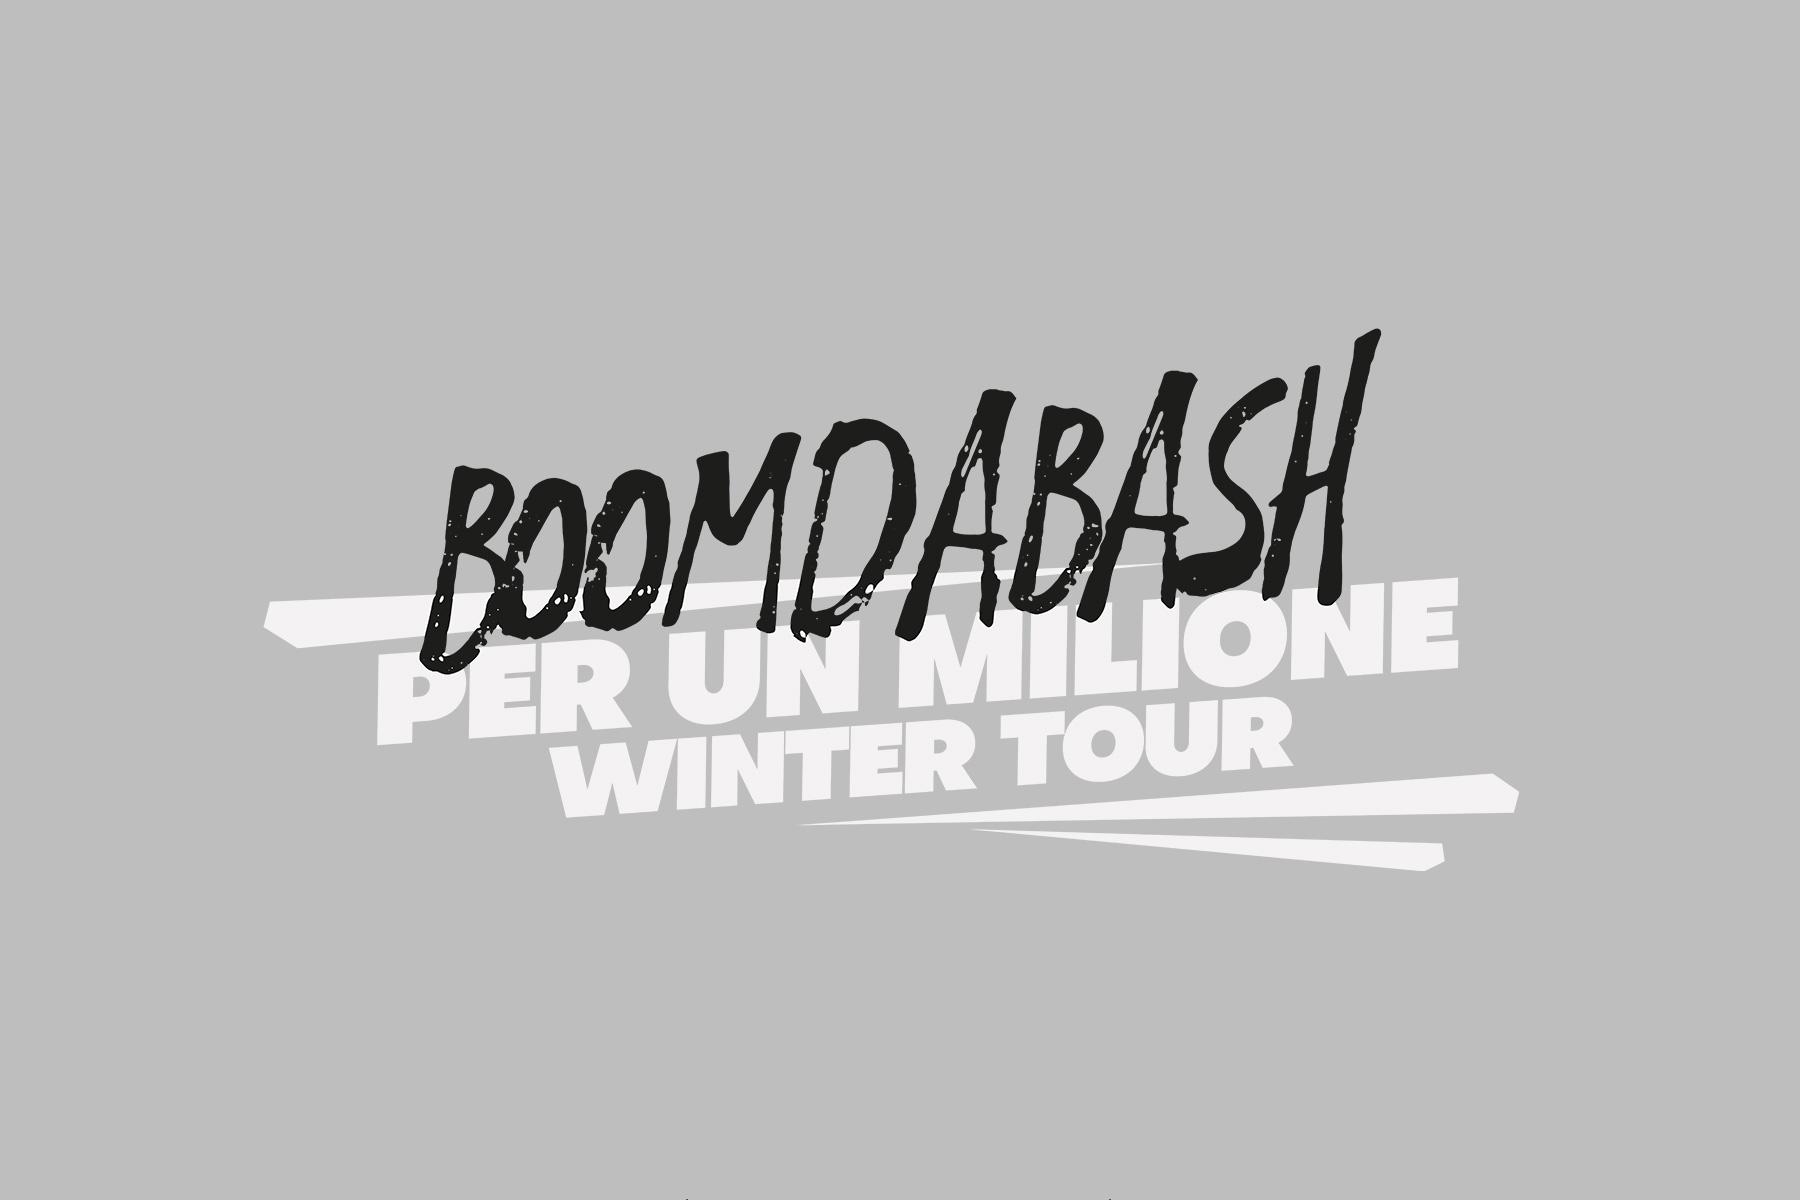 boomdabash per un milione tour